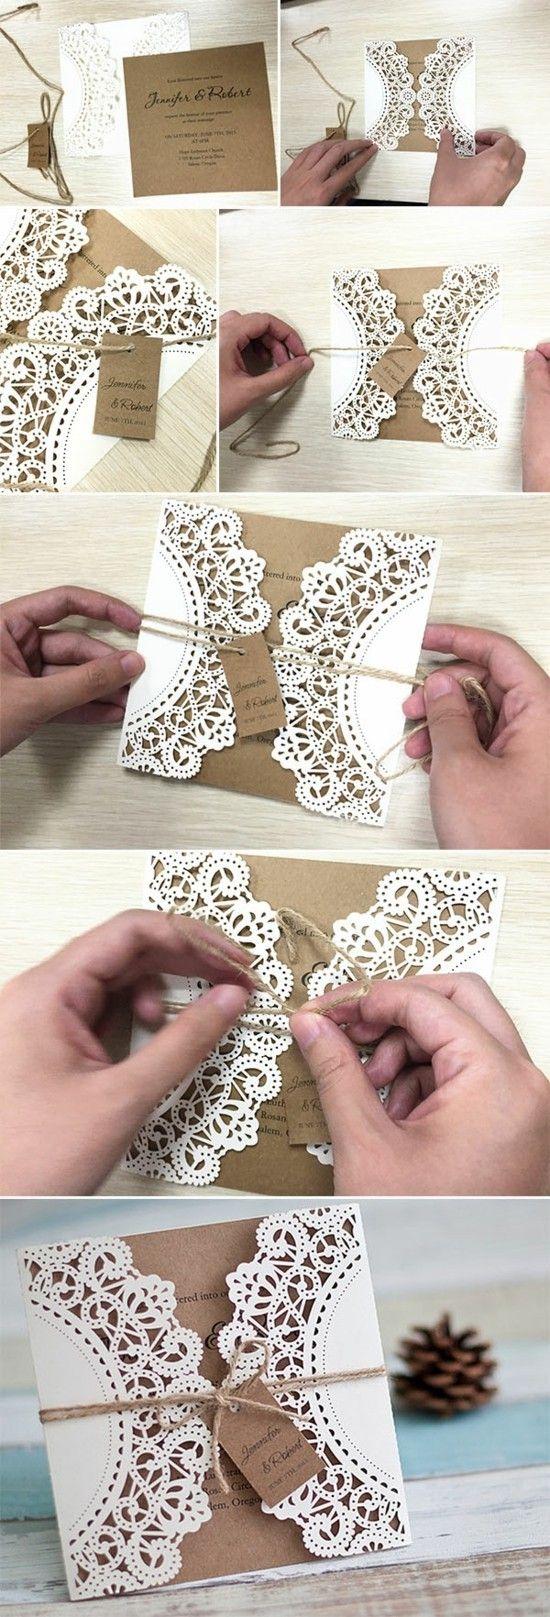 Hochzeitsdeko selber machen - 60 kreative Ideen fürs kleine Budget